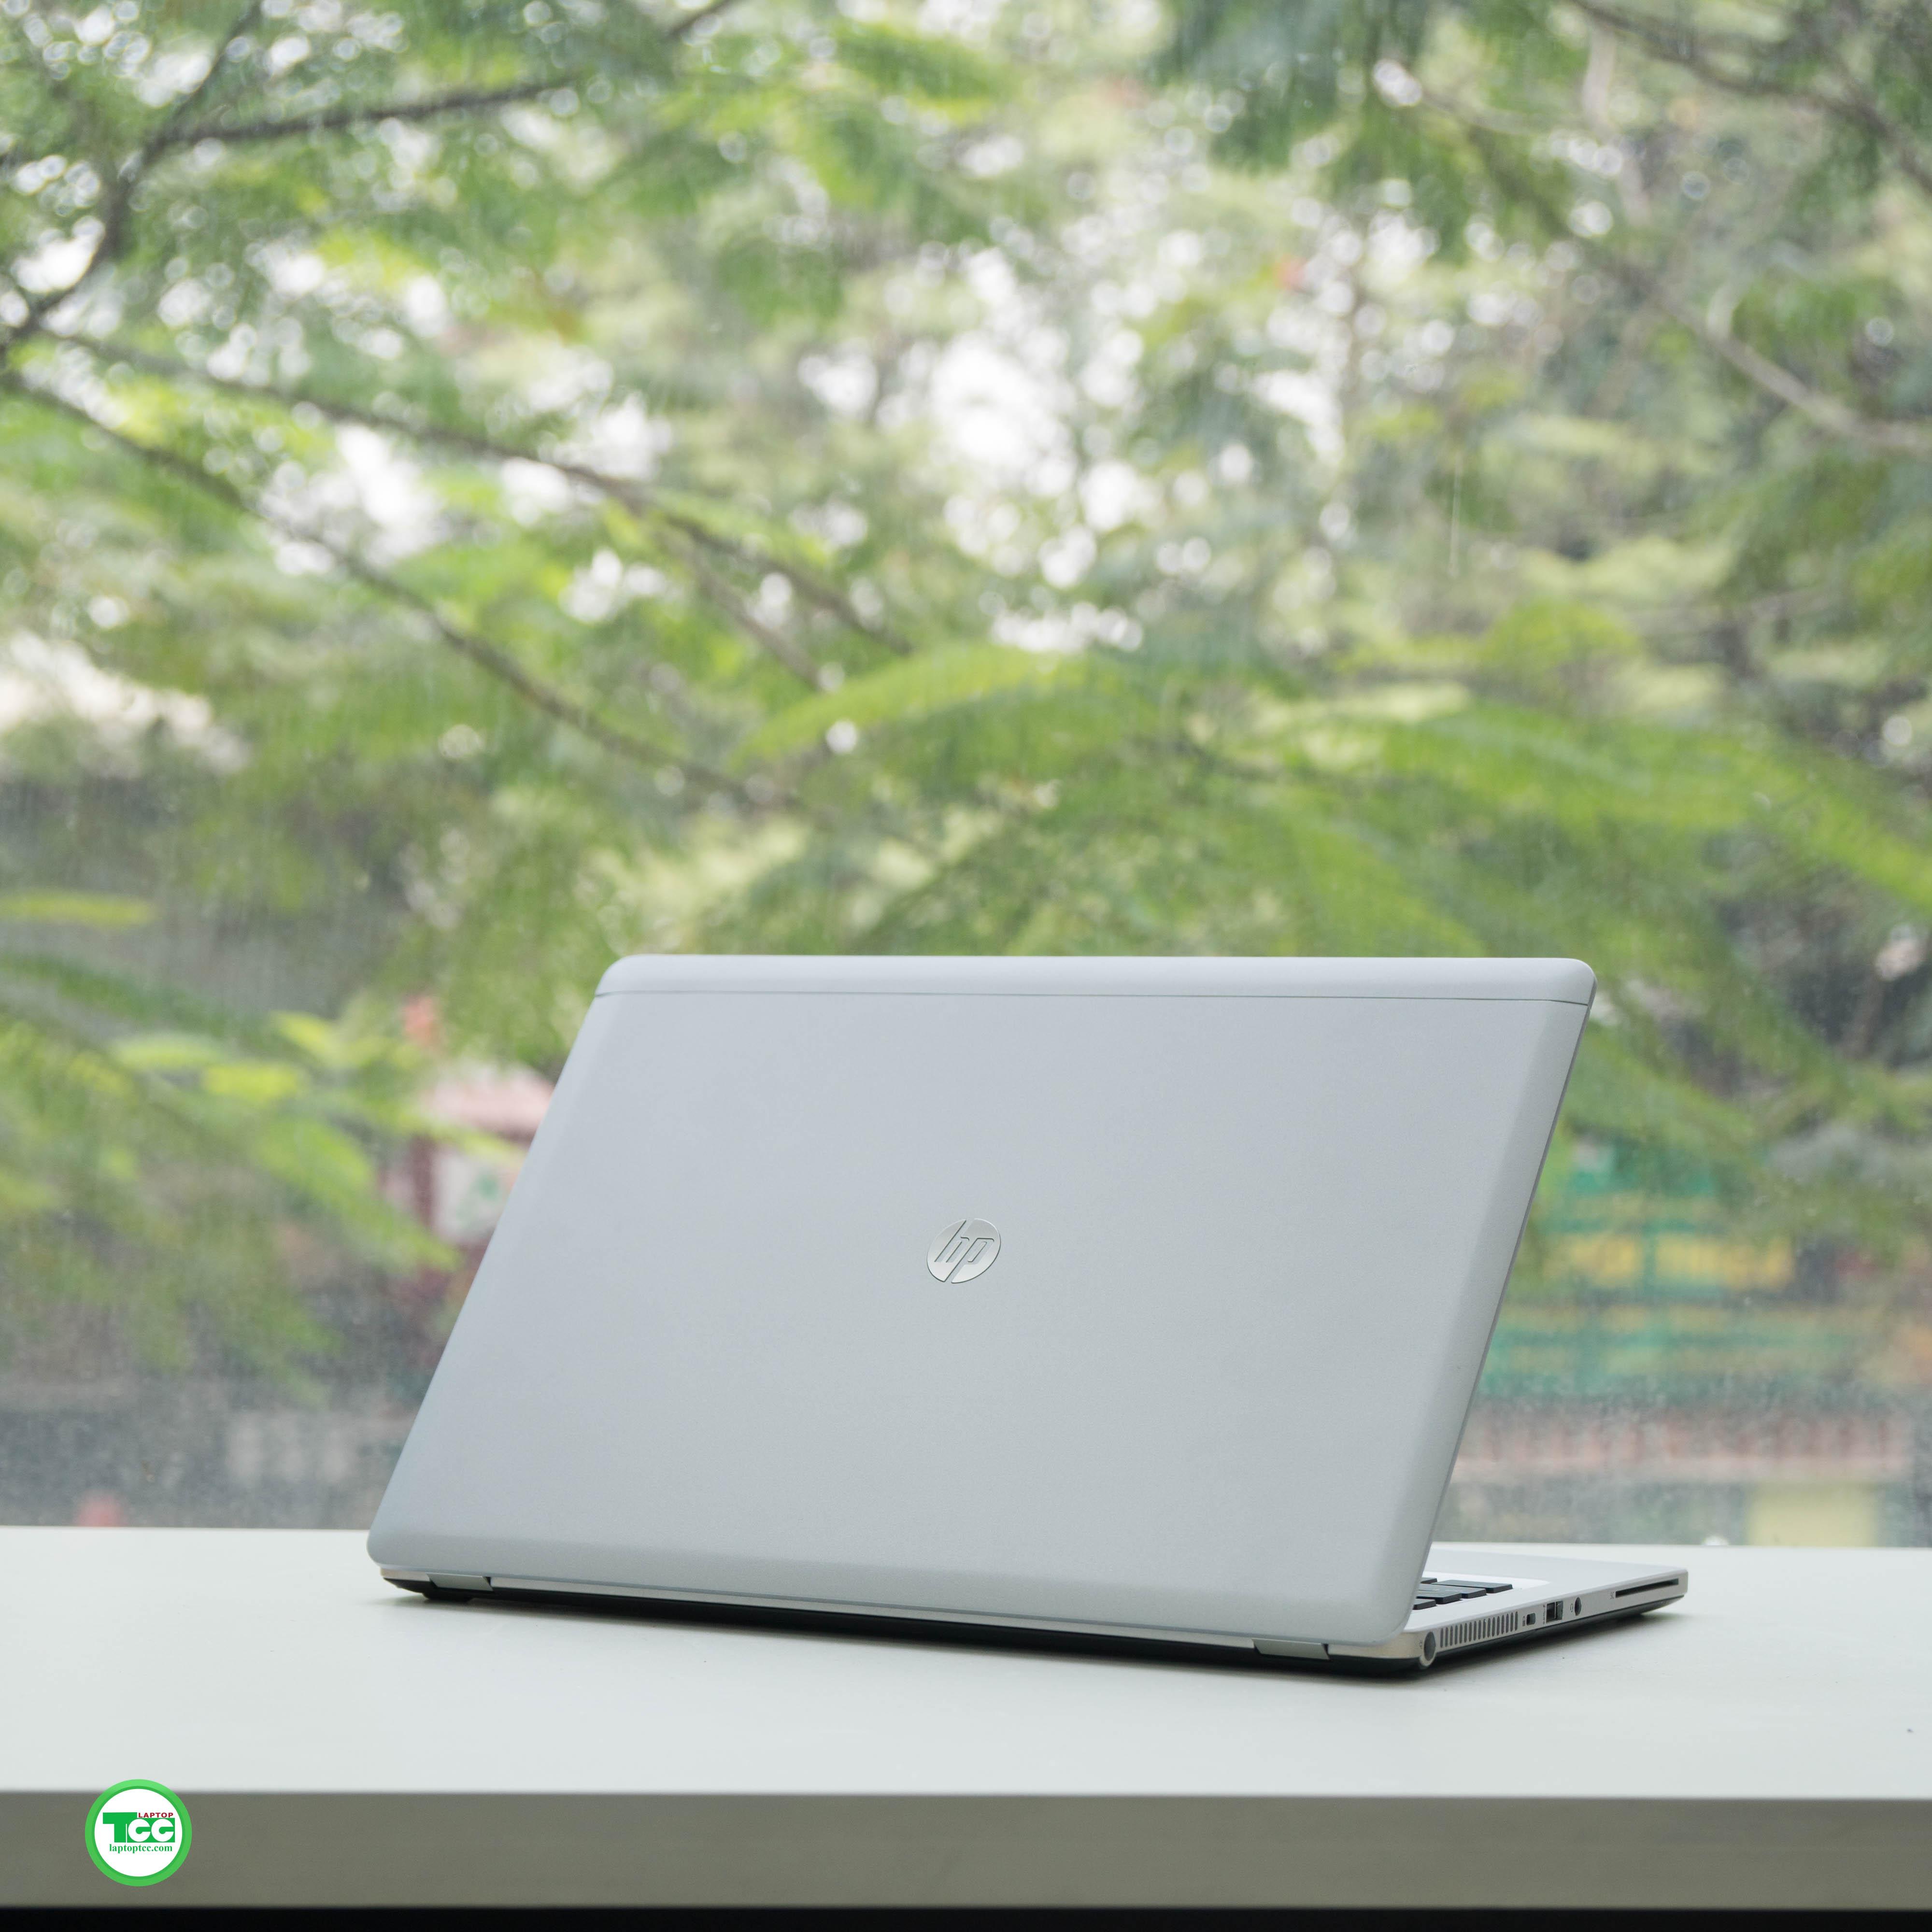 laptop tcc hp 9480m (2)